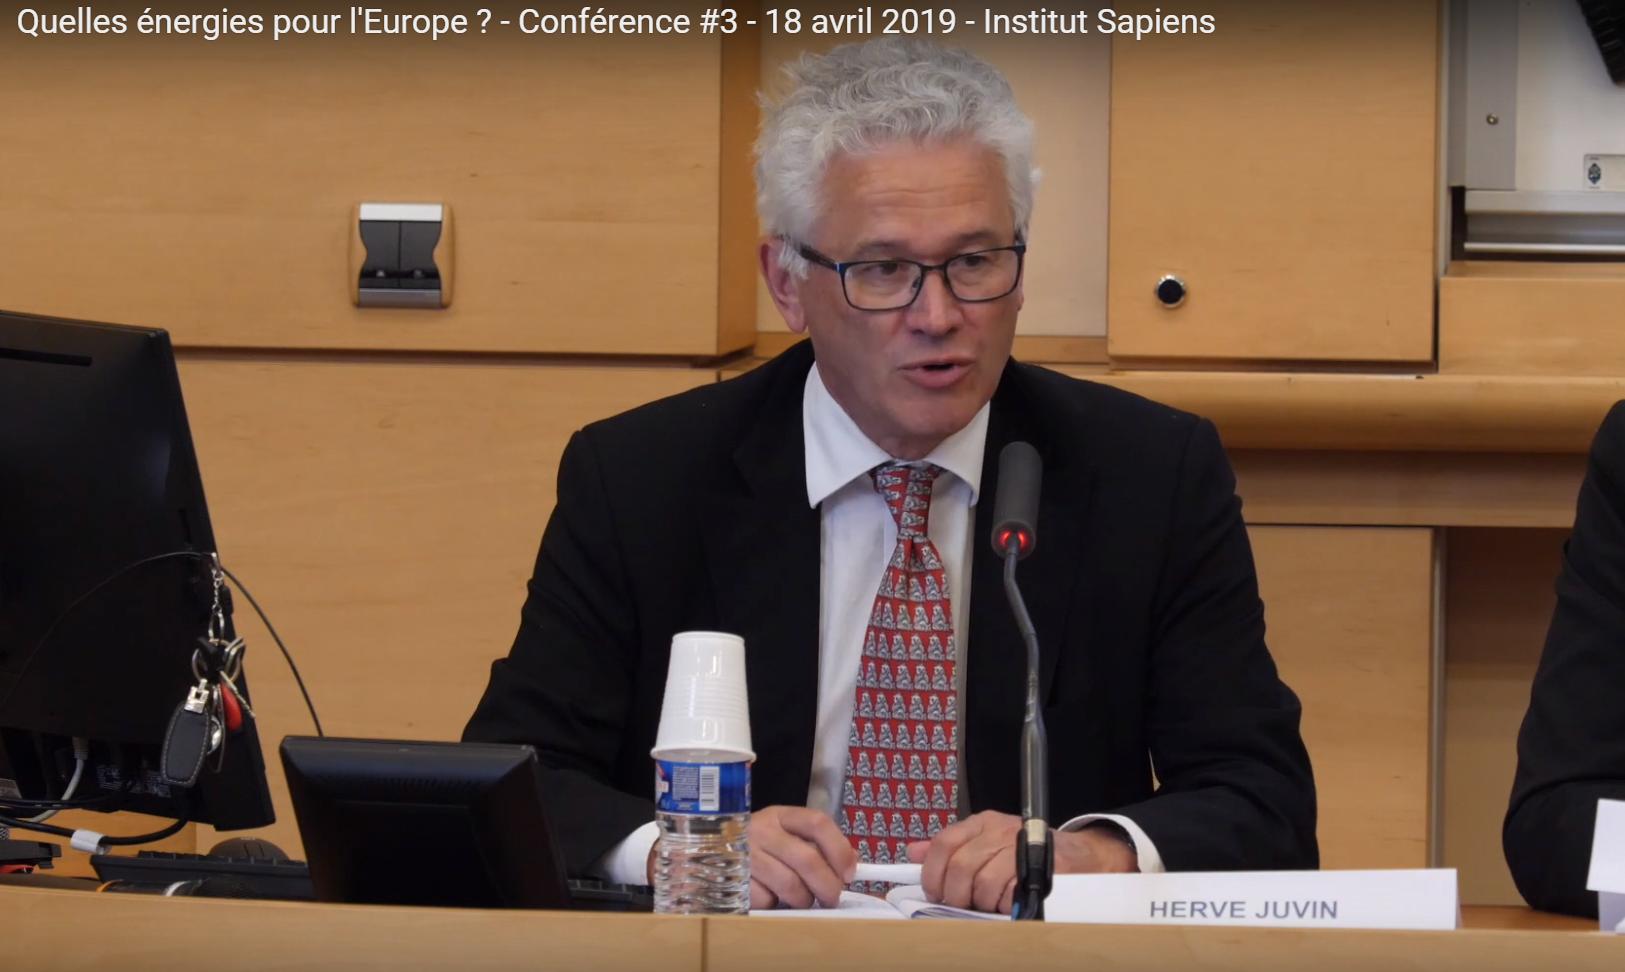 Energie en Europe pour Hervé Juvin